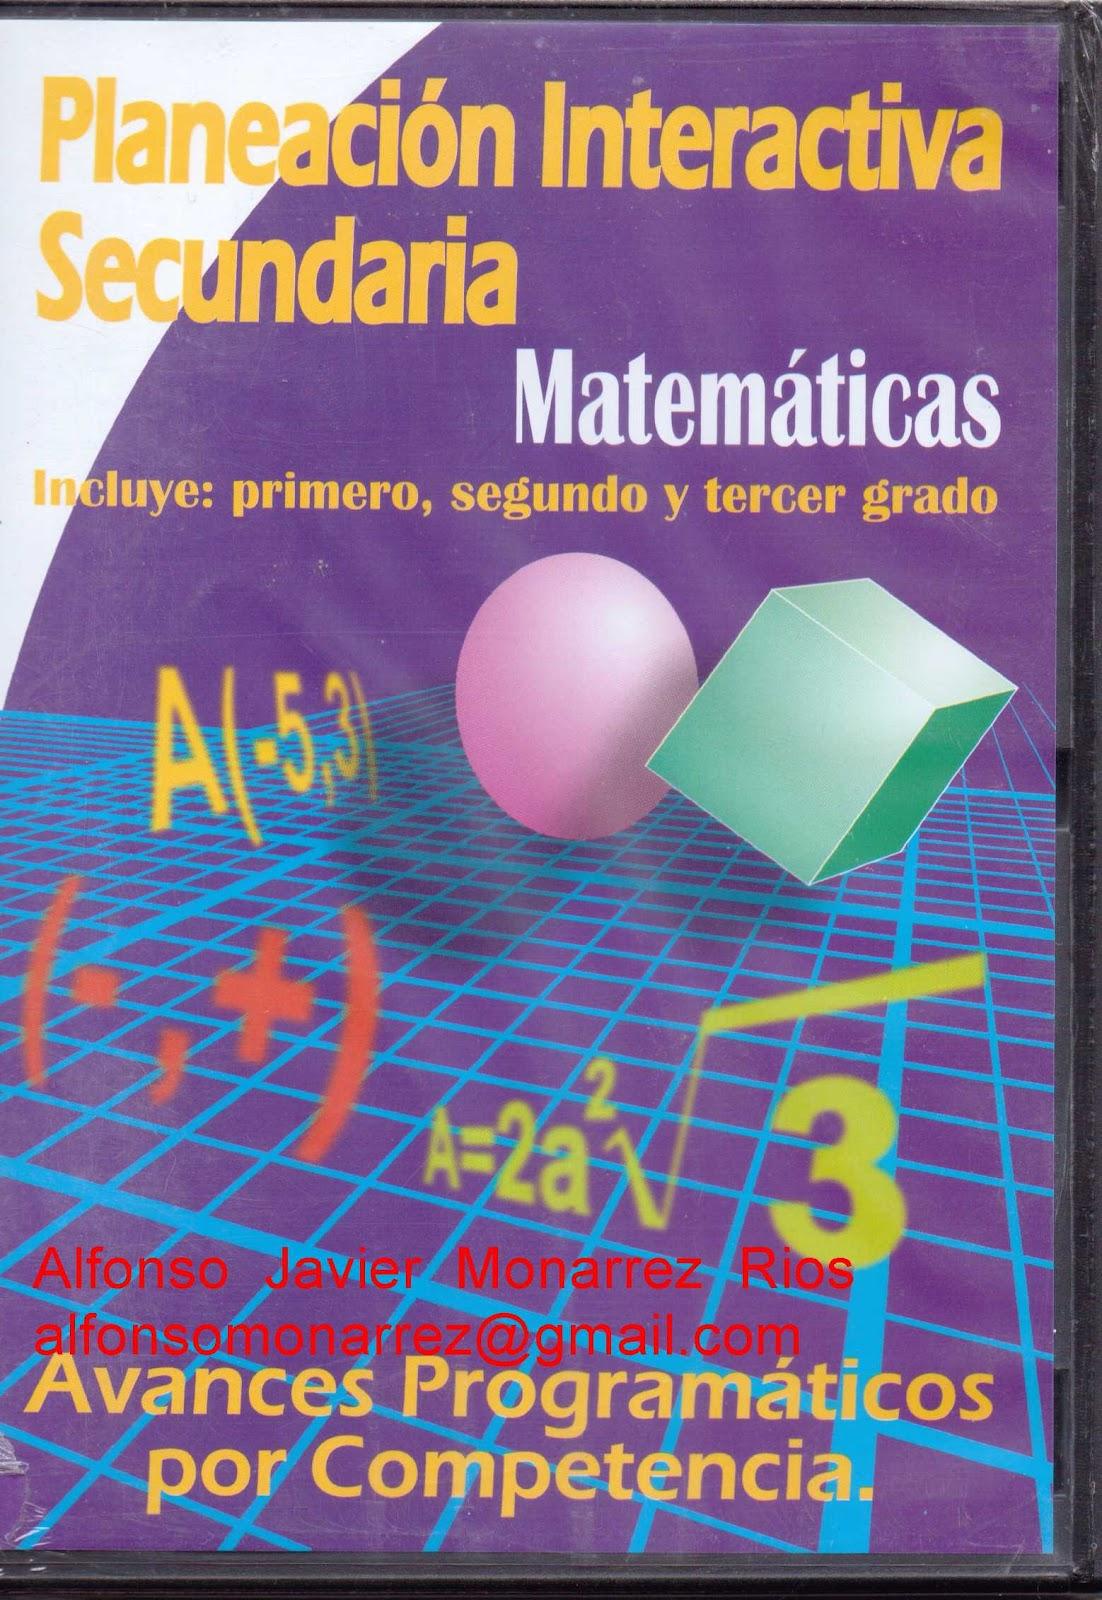 educacion secundaria matematicas: